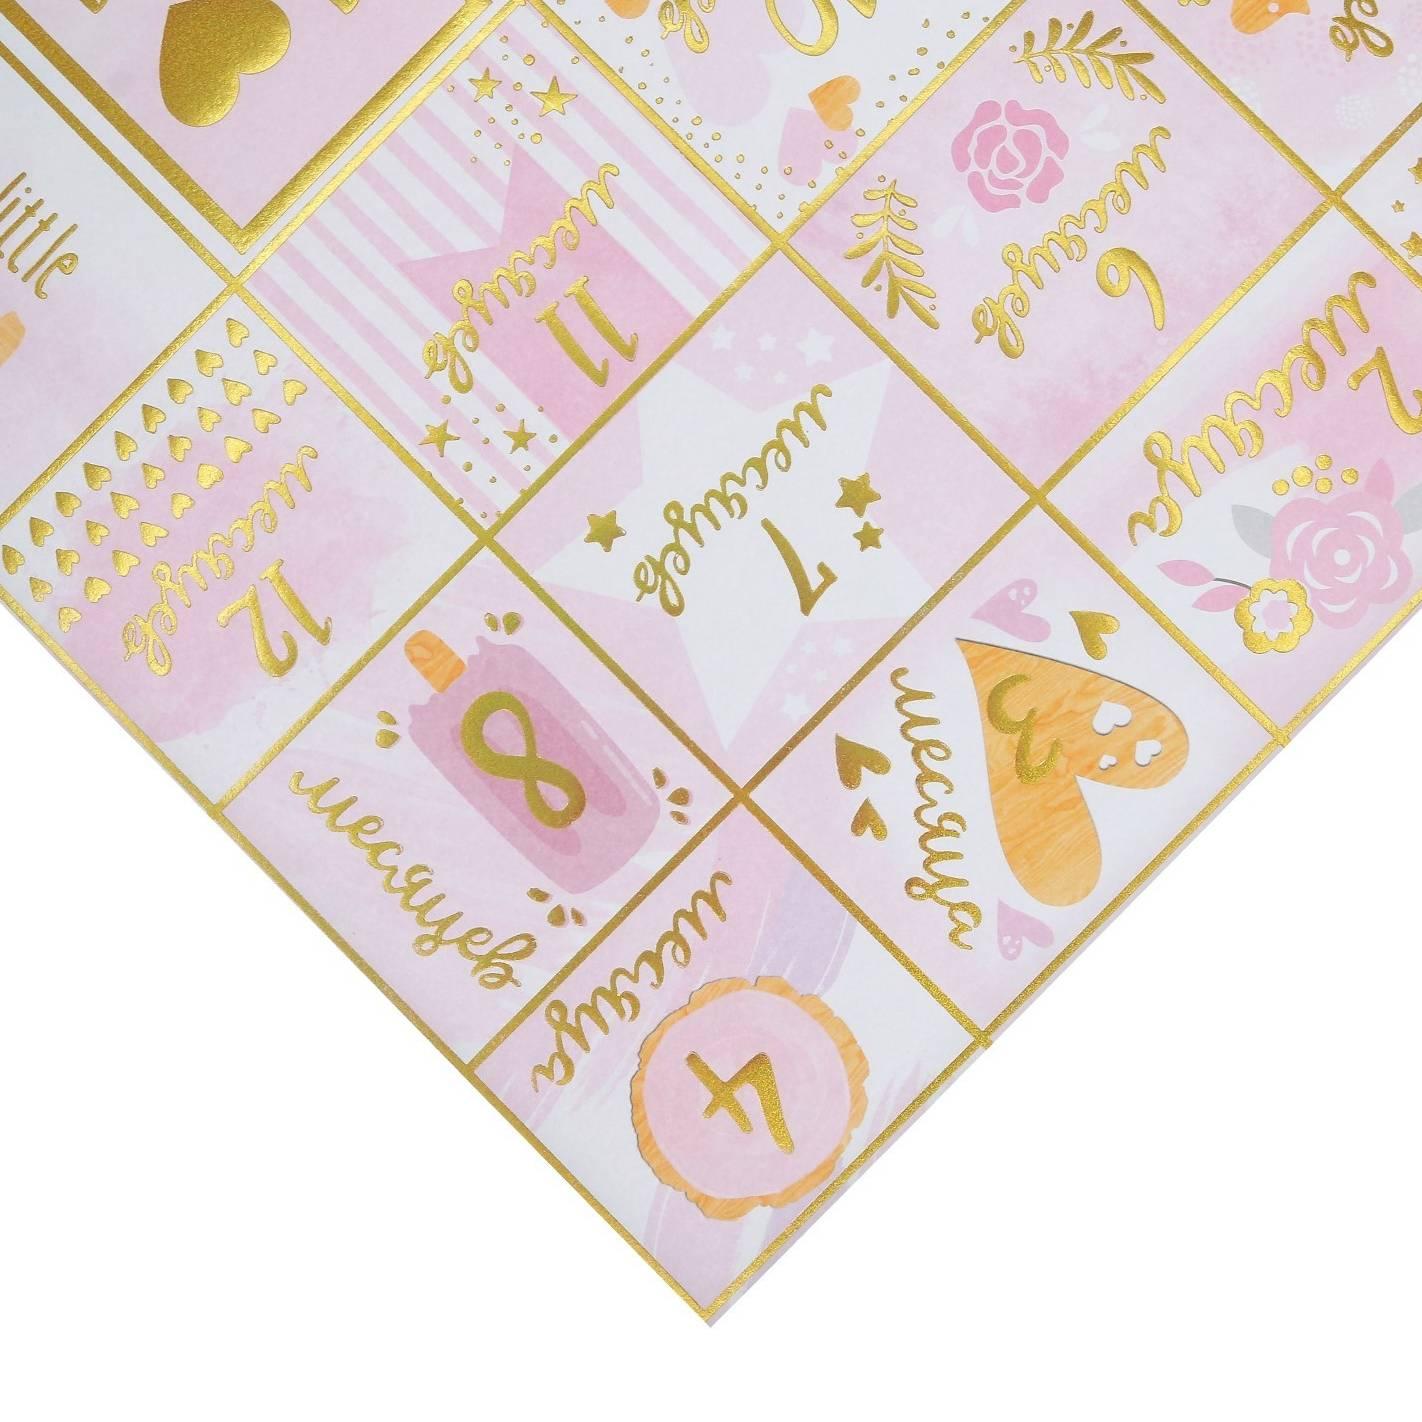 Бумага для скрапбукинга с голографическим фольгированием, My little girl, 30,5×32 см, 250 г/м, АртУзор